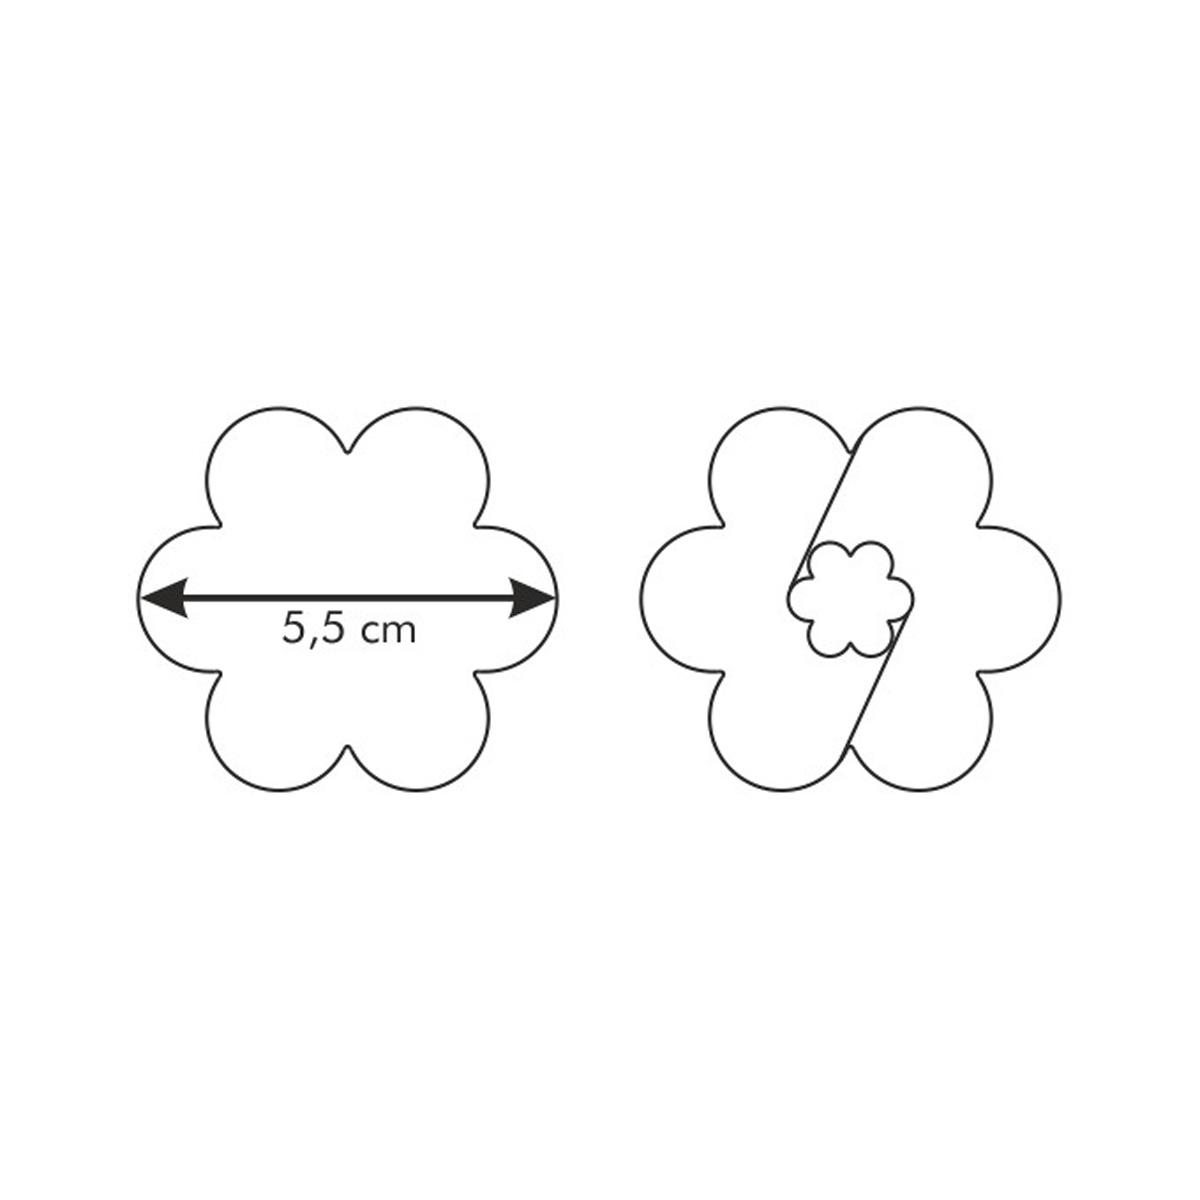 Linecká kytička DELÍCIA ø 5.5 cm